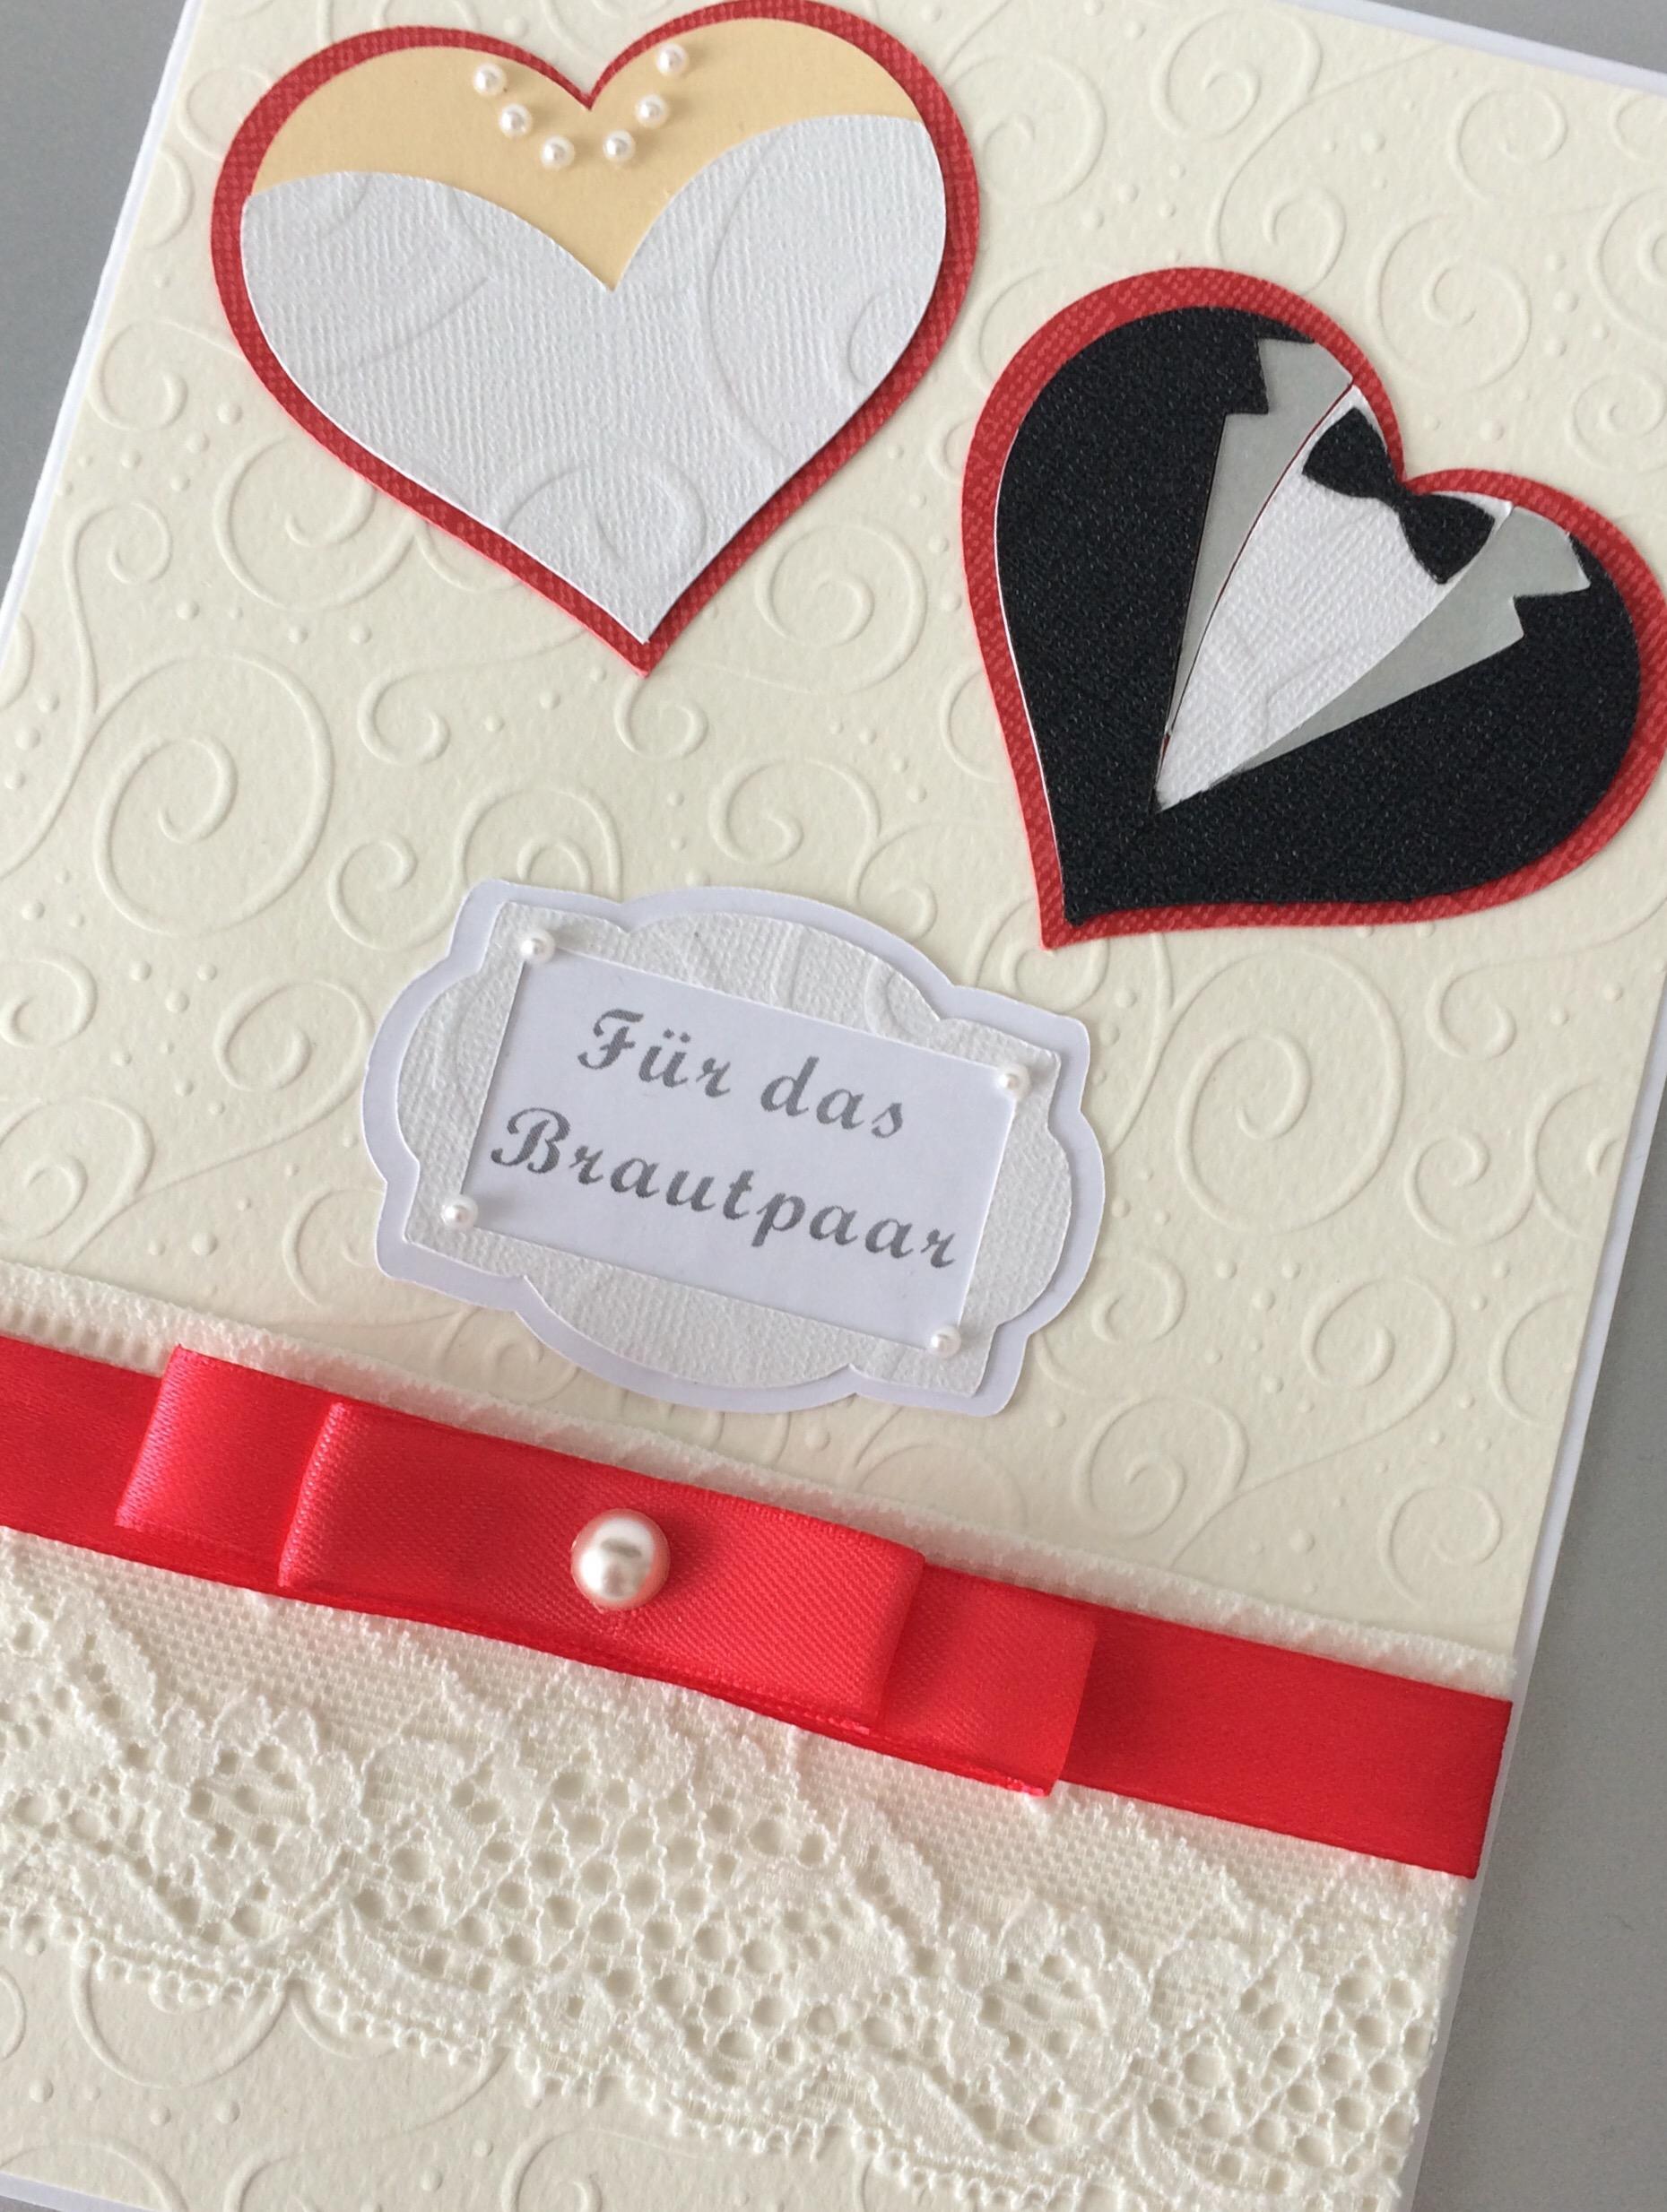 Geldgeschenk Karte.Karte Hochzeit Geldgeschenk Butterflycards